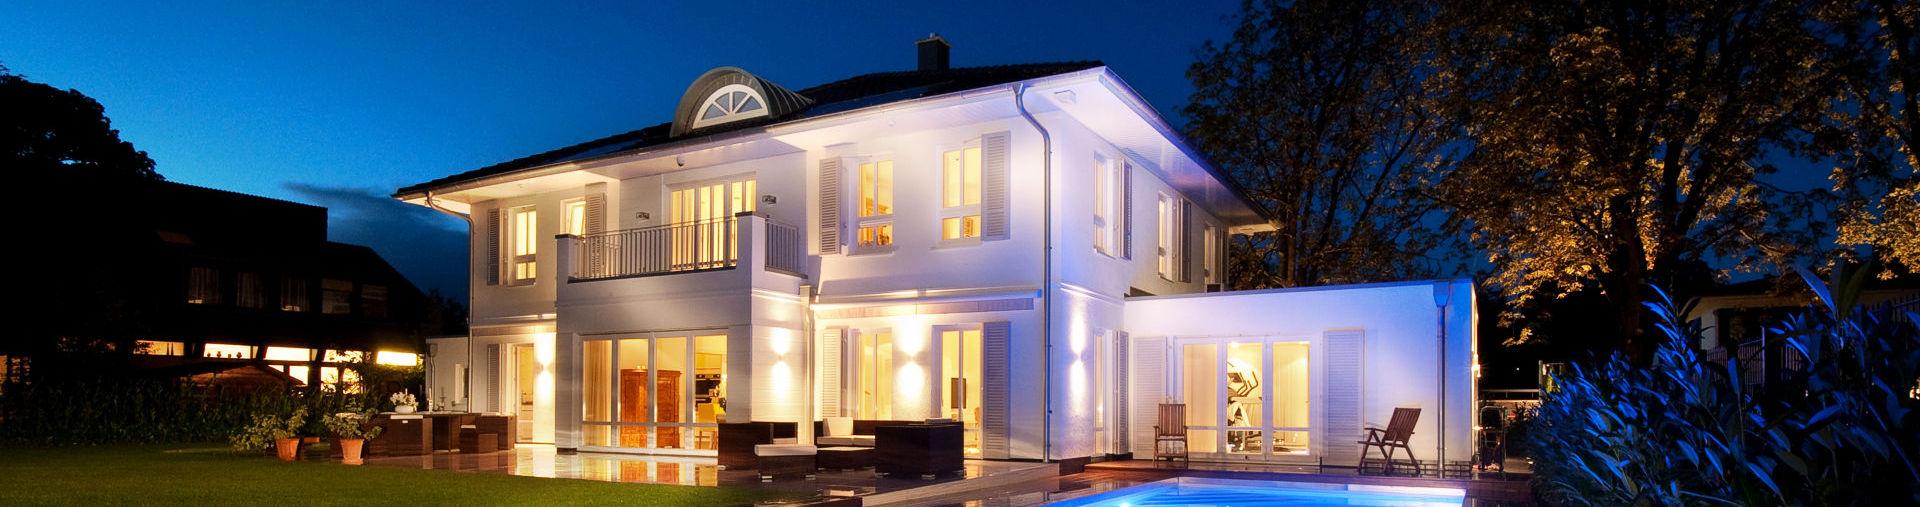 Seit über 35 Jahren steht der Name ARGE-HAUS Hausbau für Massiv gebaute Einfamilienhäuser mit anspruchsvoller Architektur, individuell, vielfältig und innovativ.